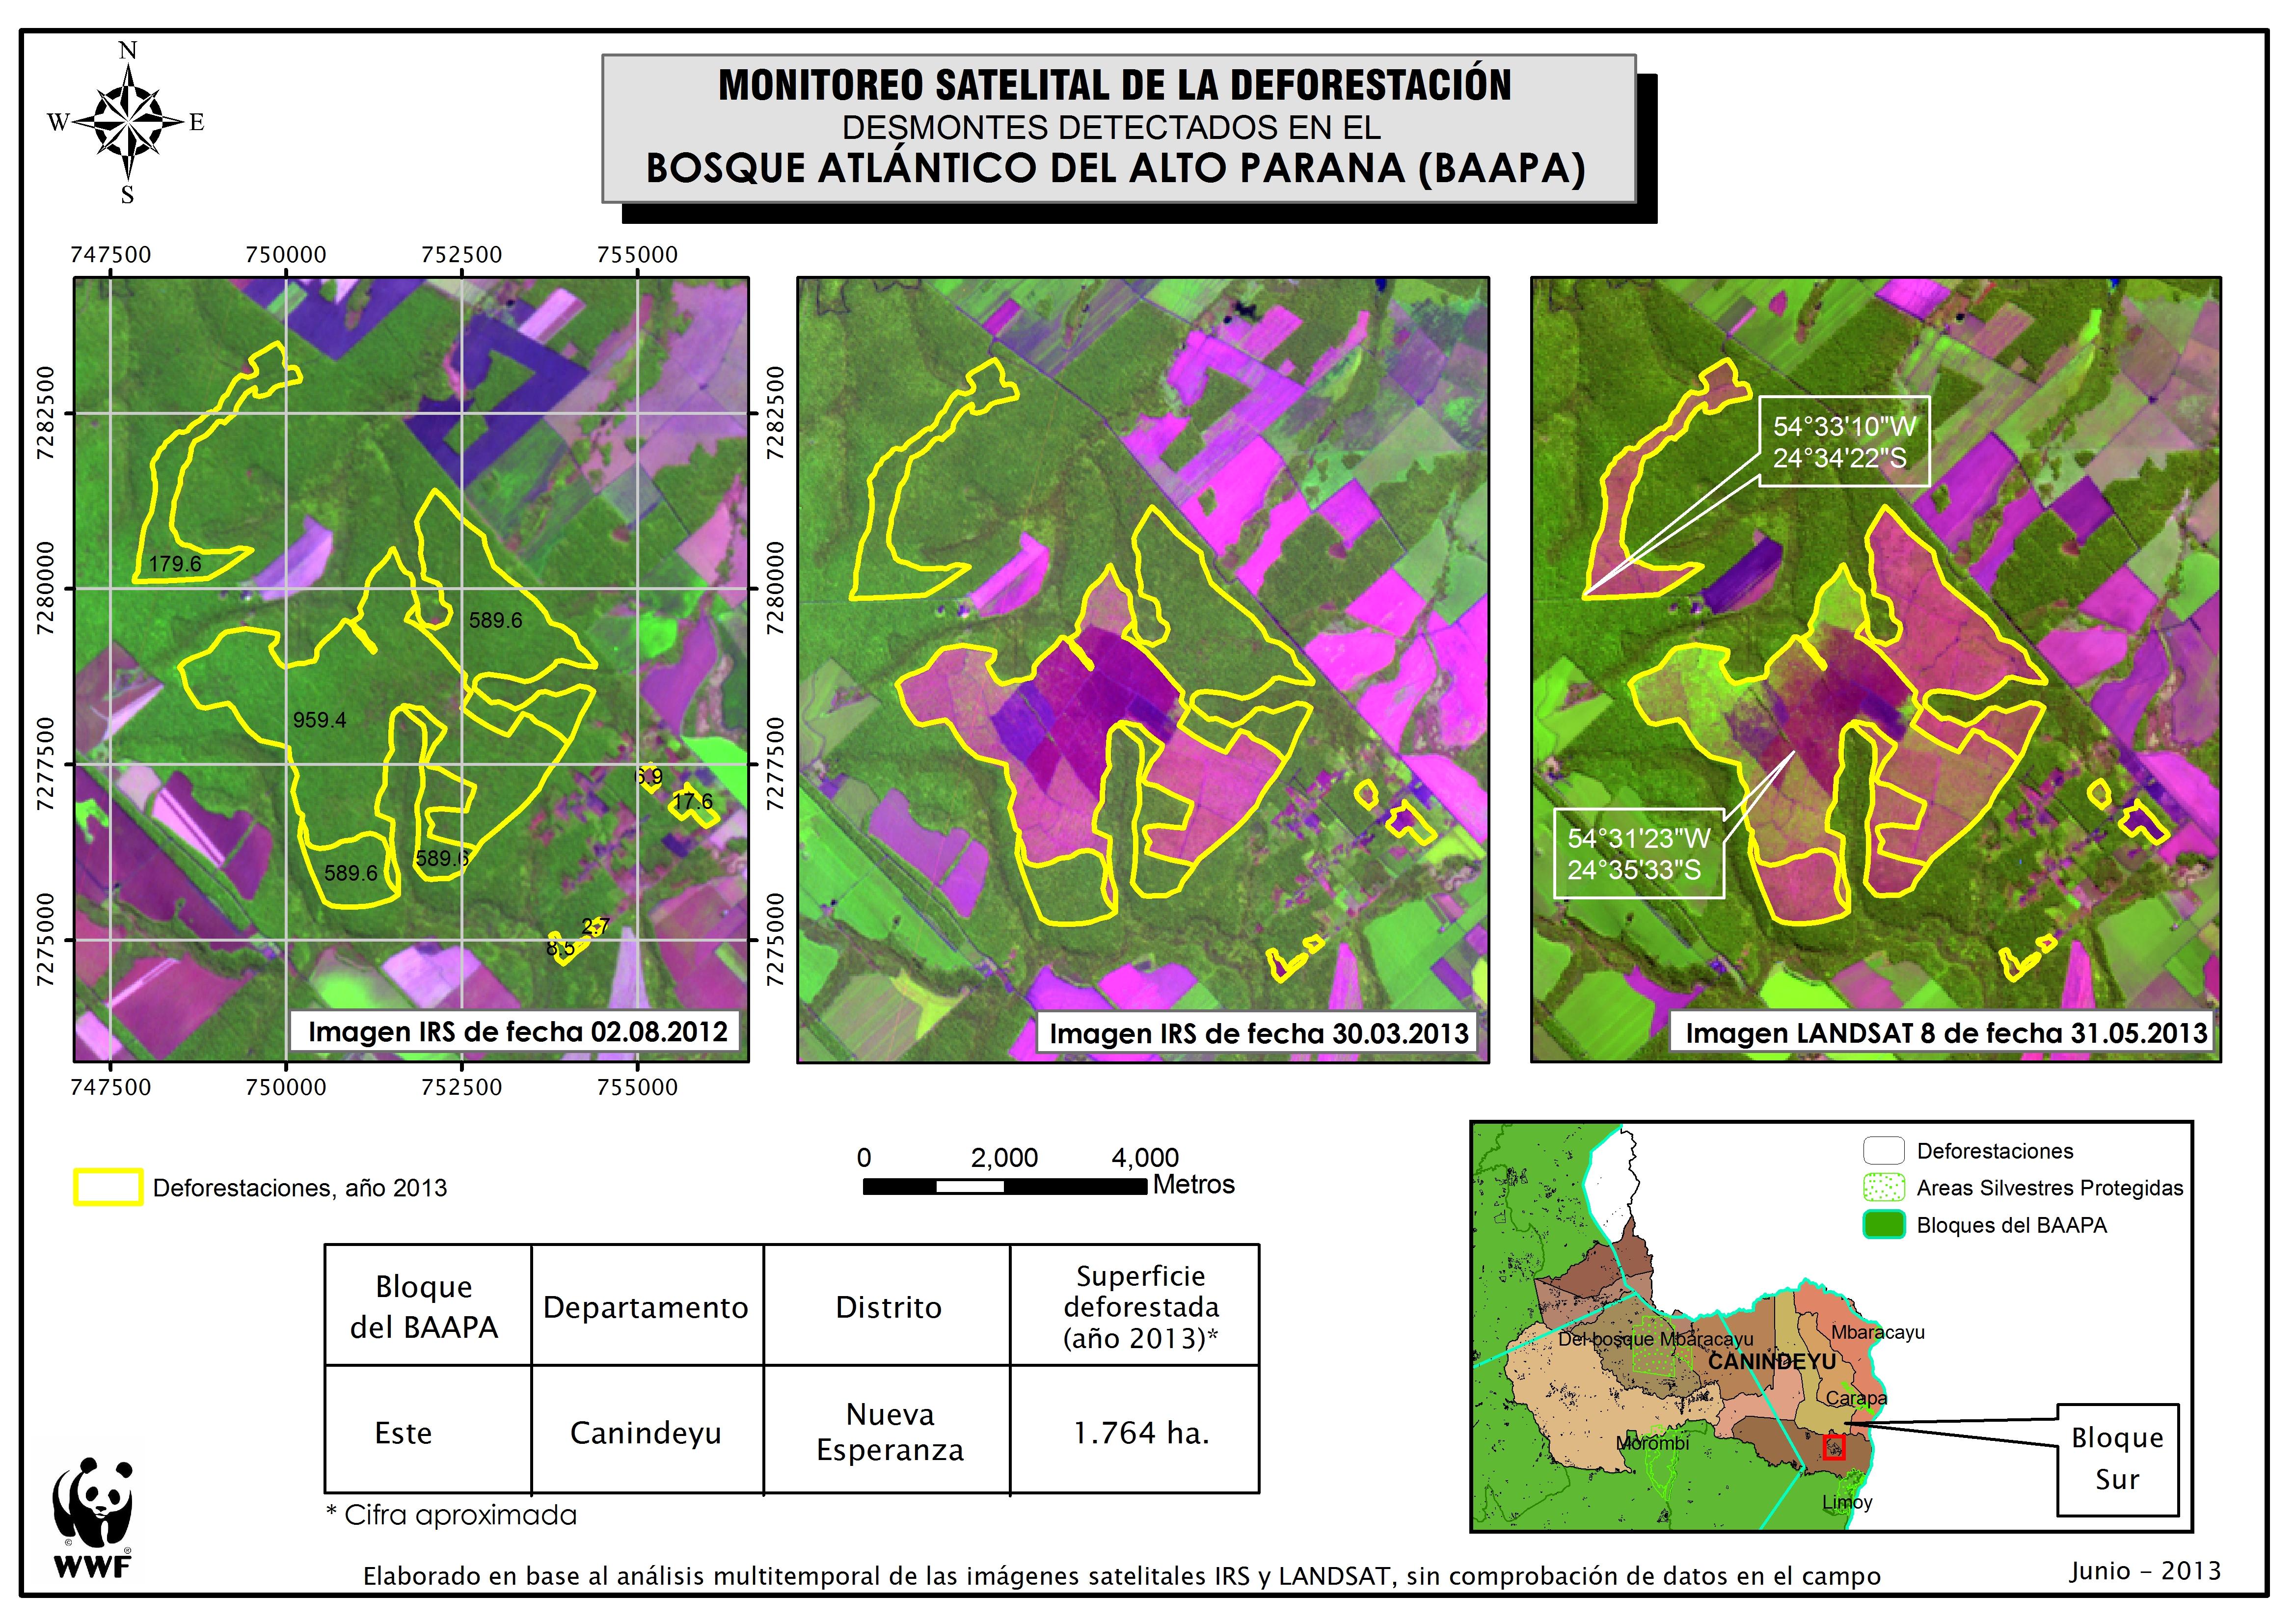 1 764 hectáreas de deforestaci³n detectadas en el departamento de Canindeyº